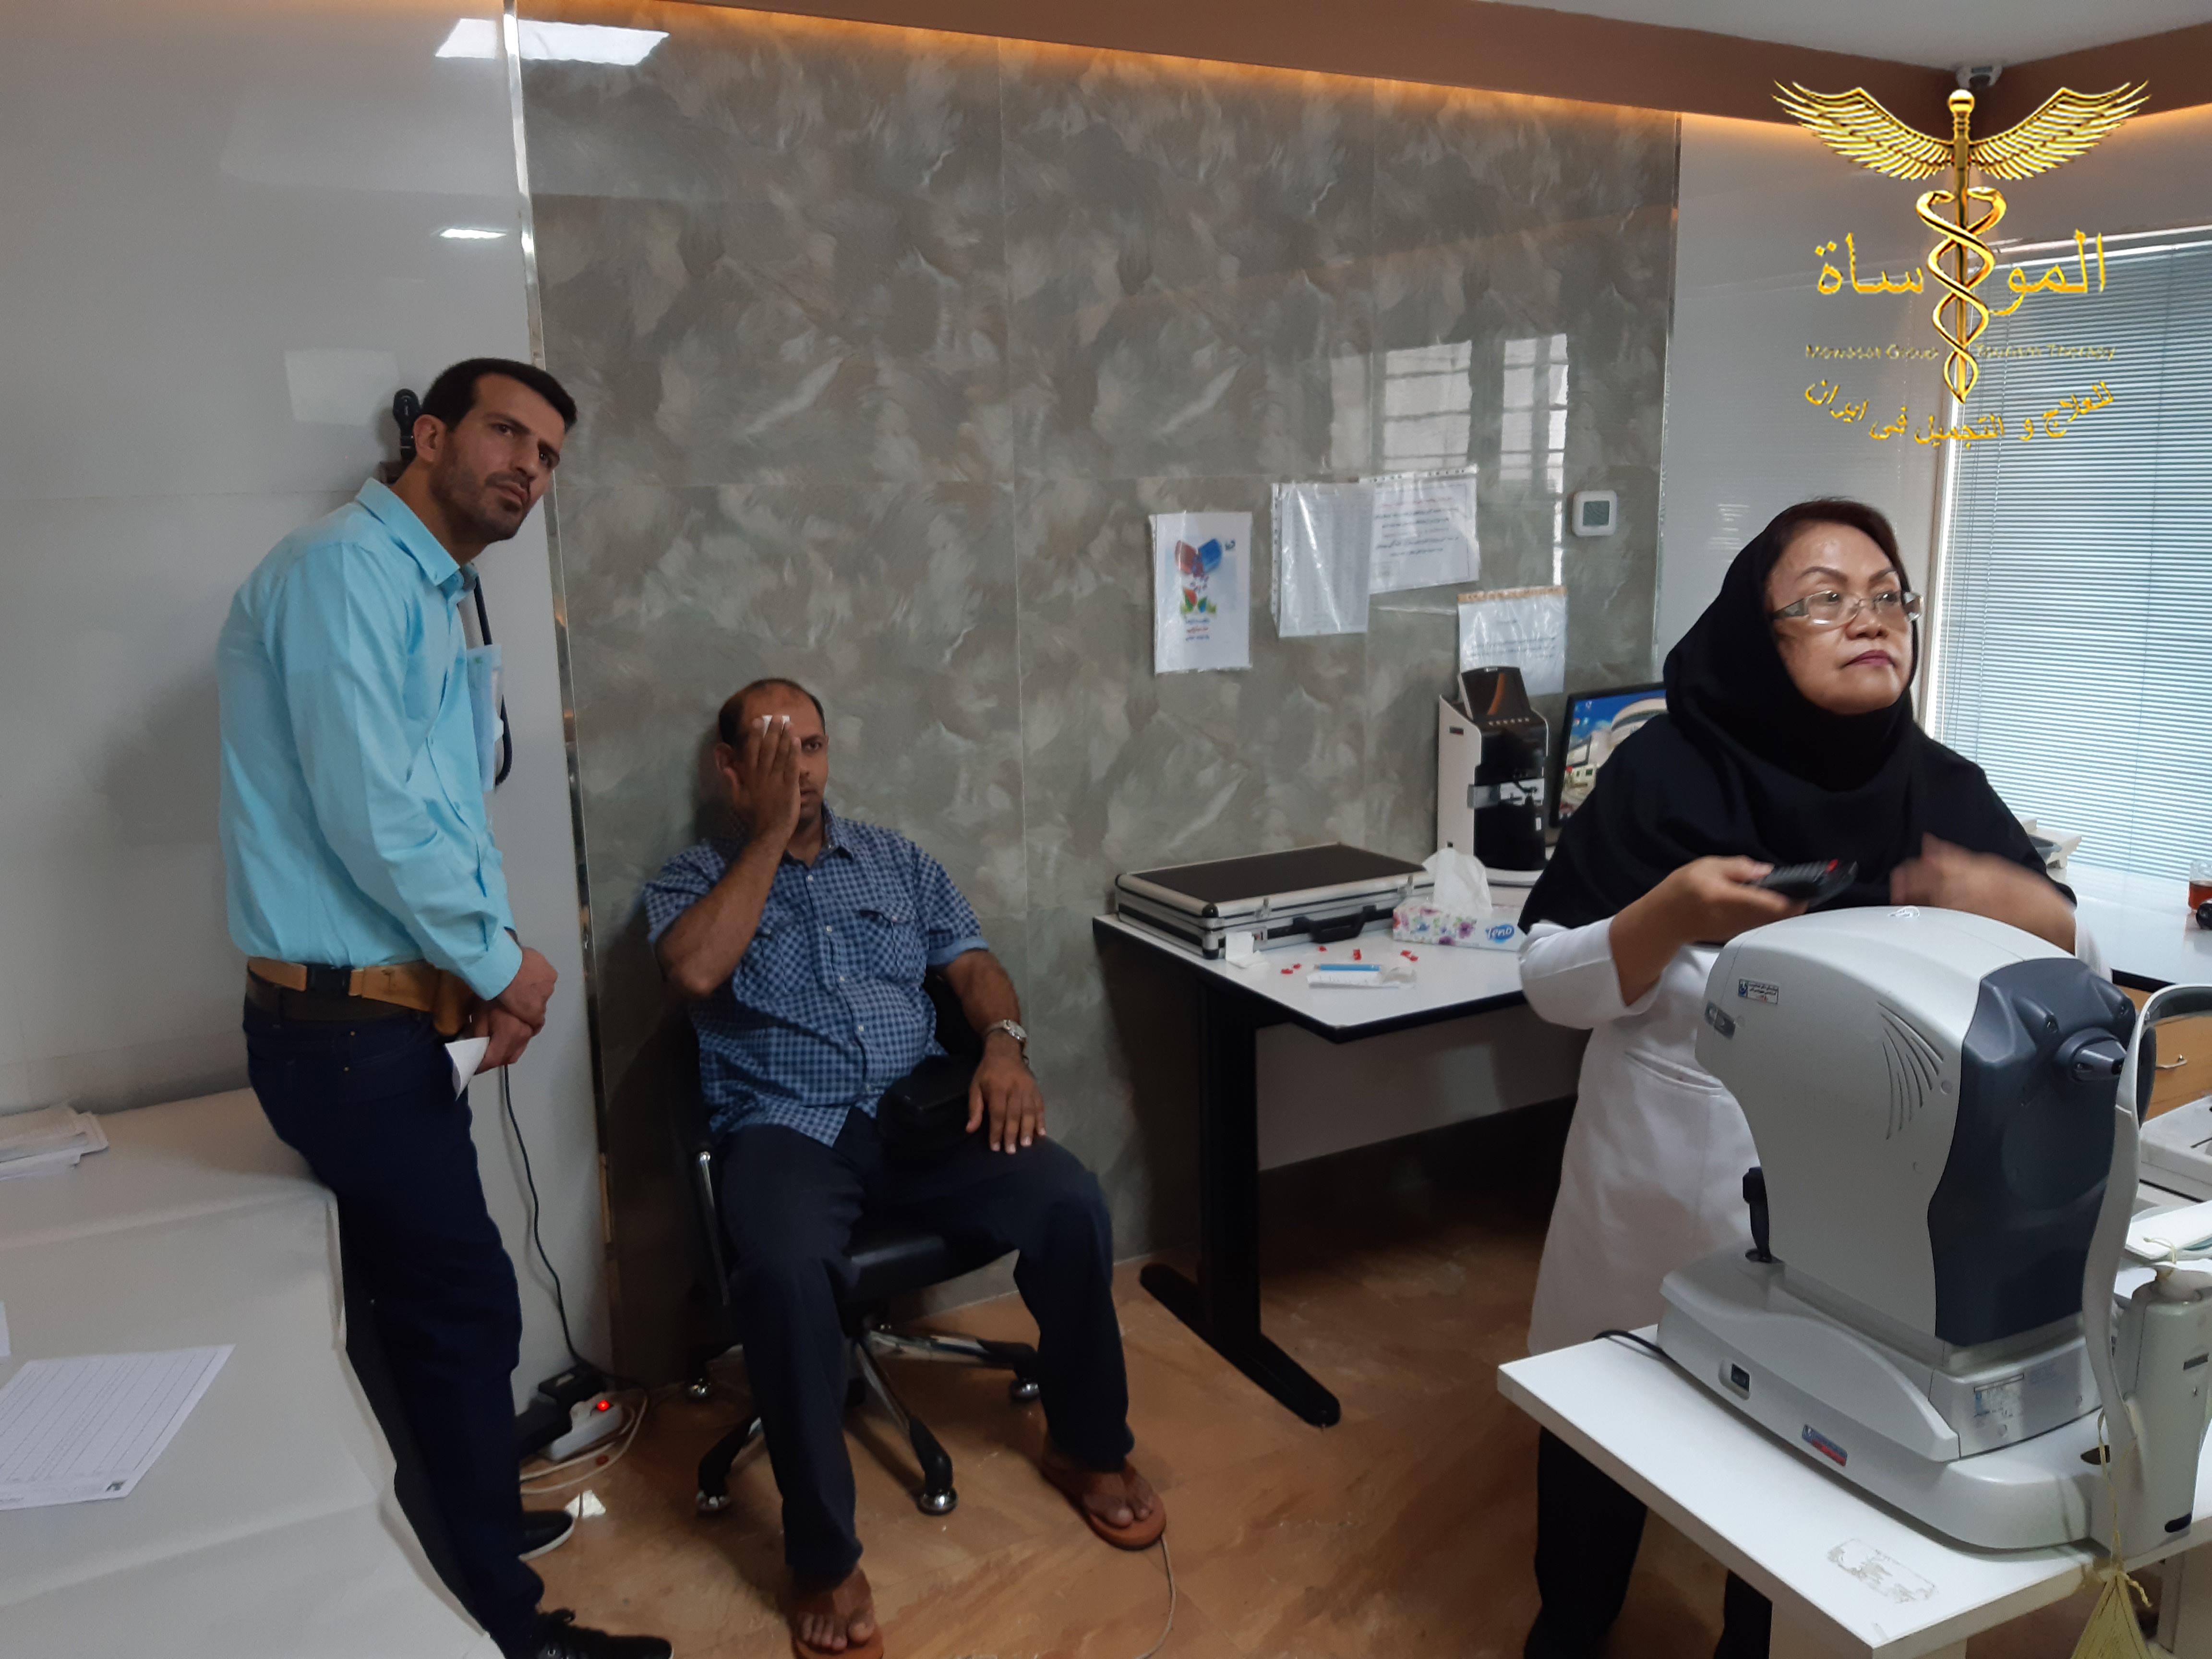 طب العيون في إيران   مستشفى خدادوست   شركة المواساة للعلاج و التجميل في إيران